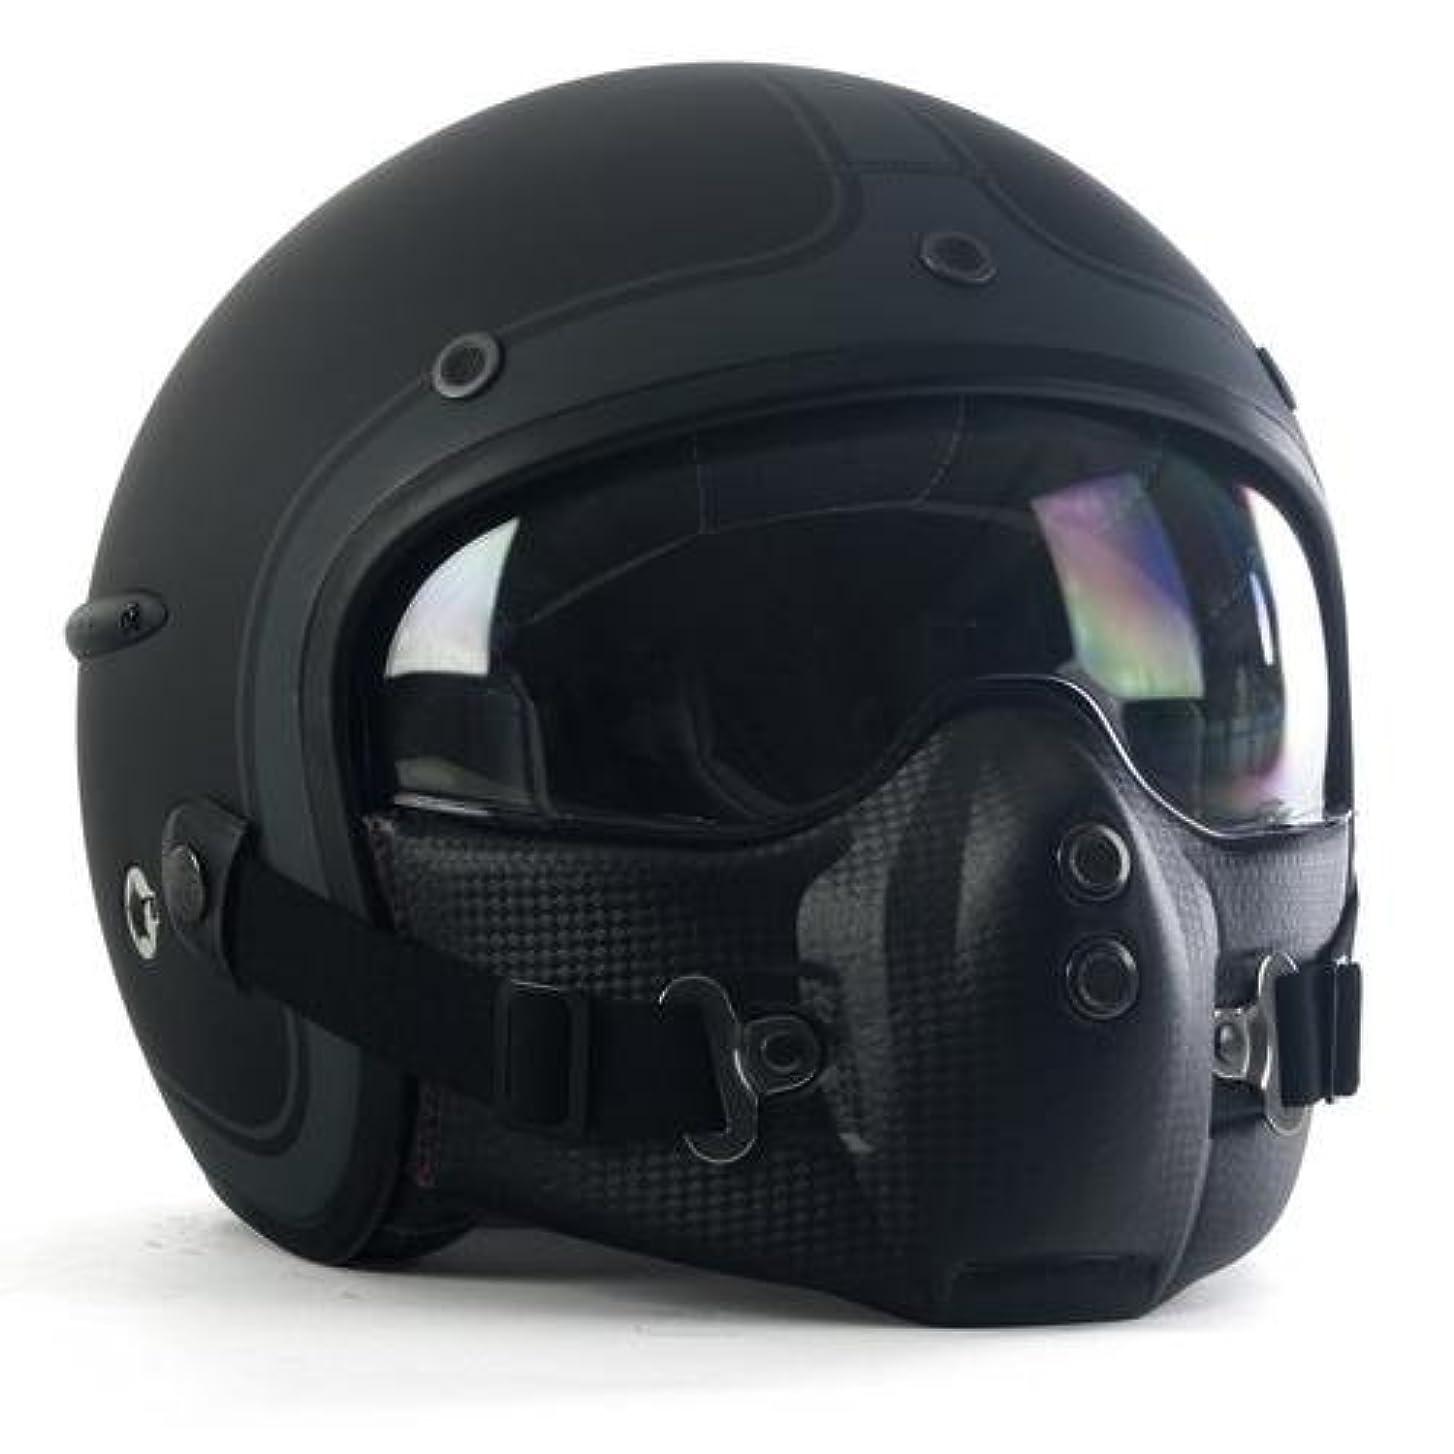 ペンバーゲン行HARISSON (ハリソン) CORSAIR MAT DECO コルセア マットデコ マットブラック ジェット ヘルメット S (55-56cm)サイズ CA112